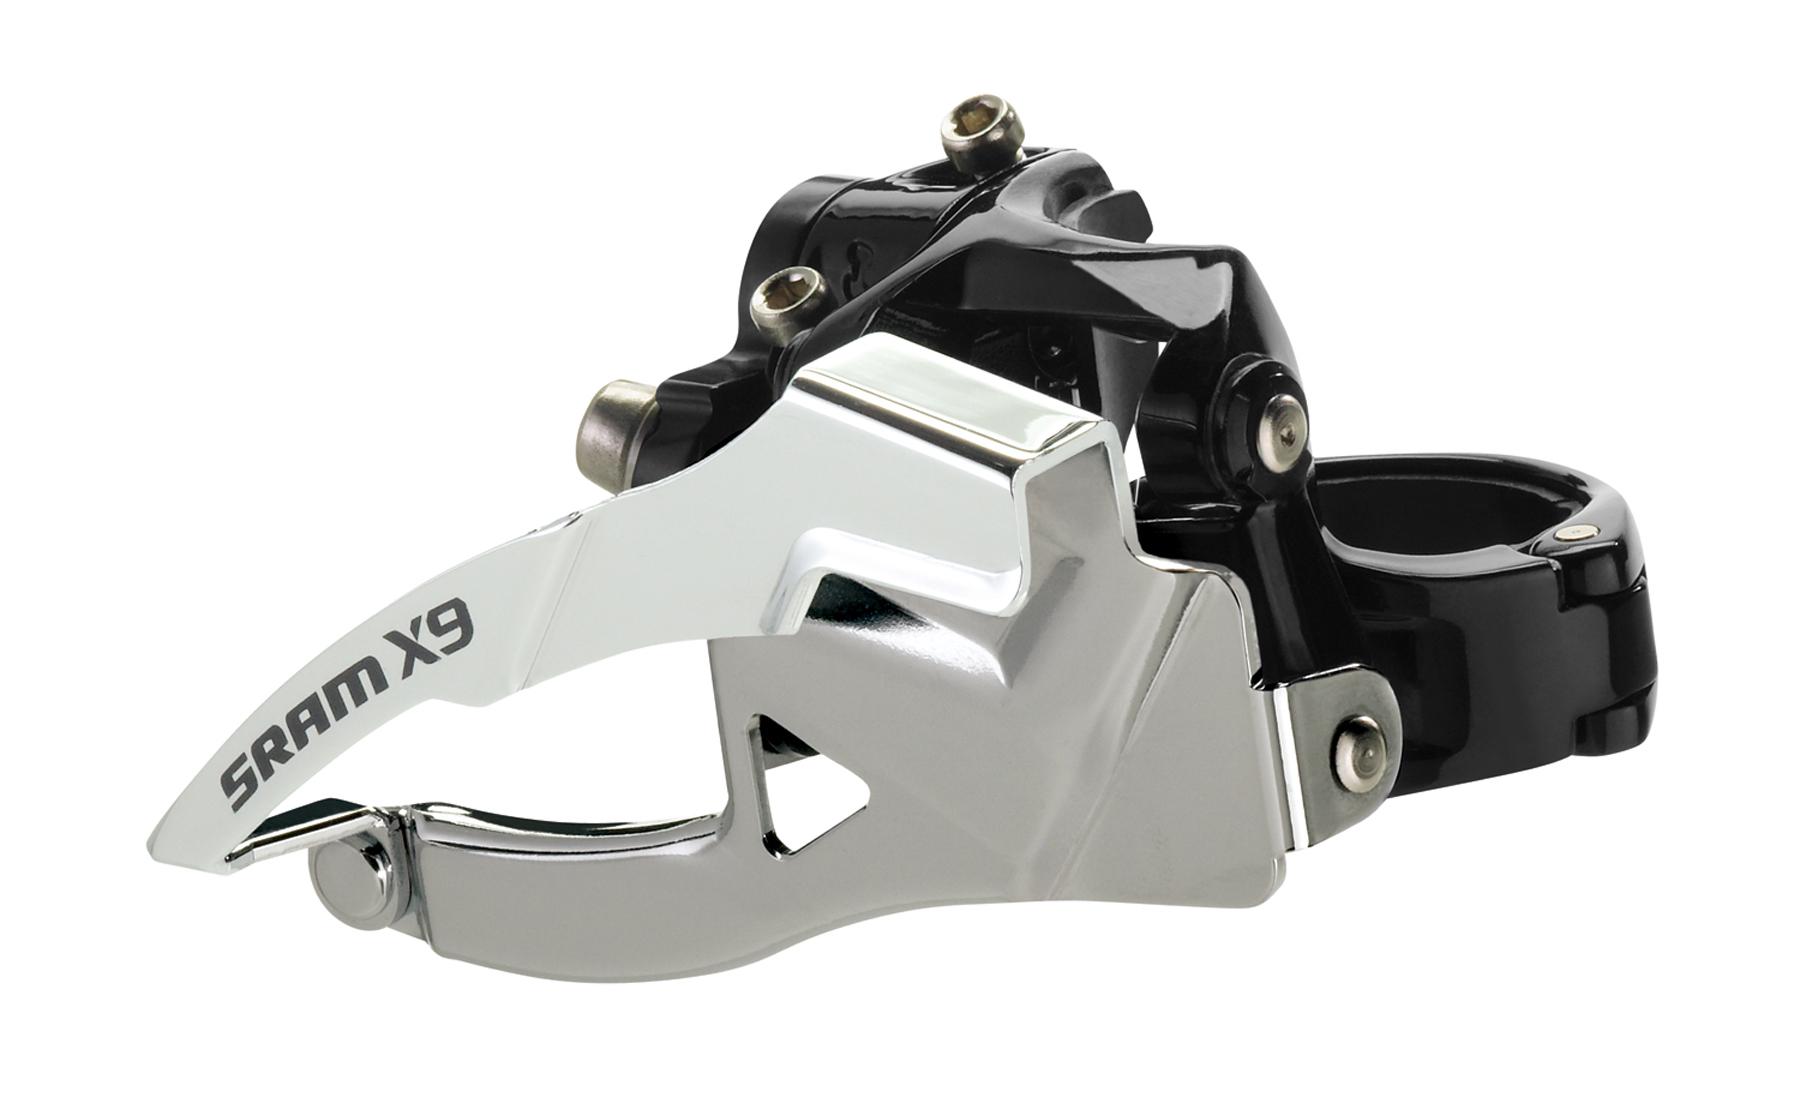 SRAM Front derailleur X9 High clamp Ø38,2 mm 2x10 speed Top pullBlack | Front derailleur